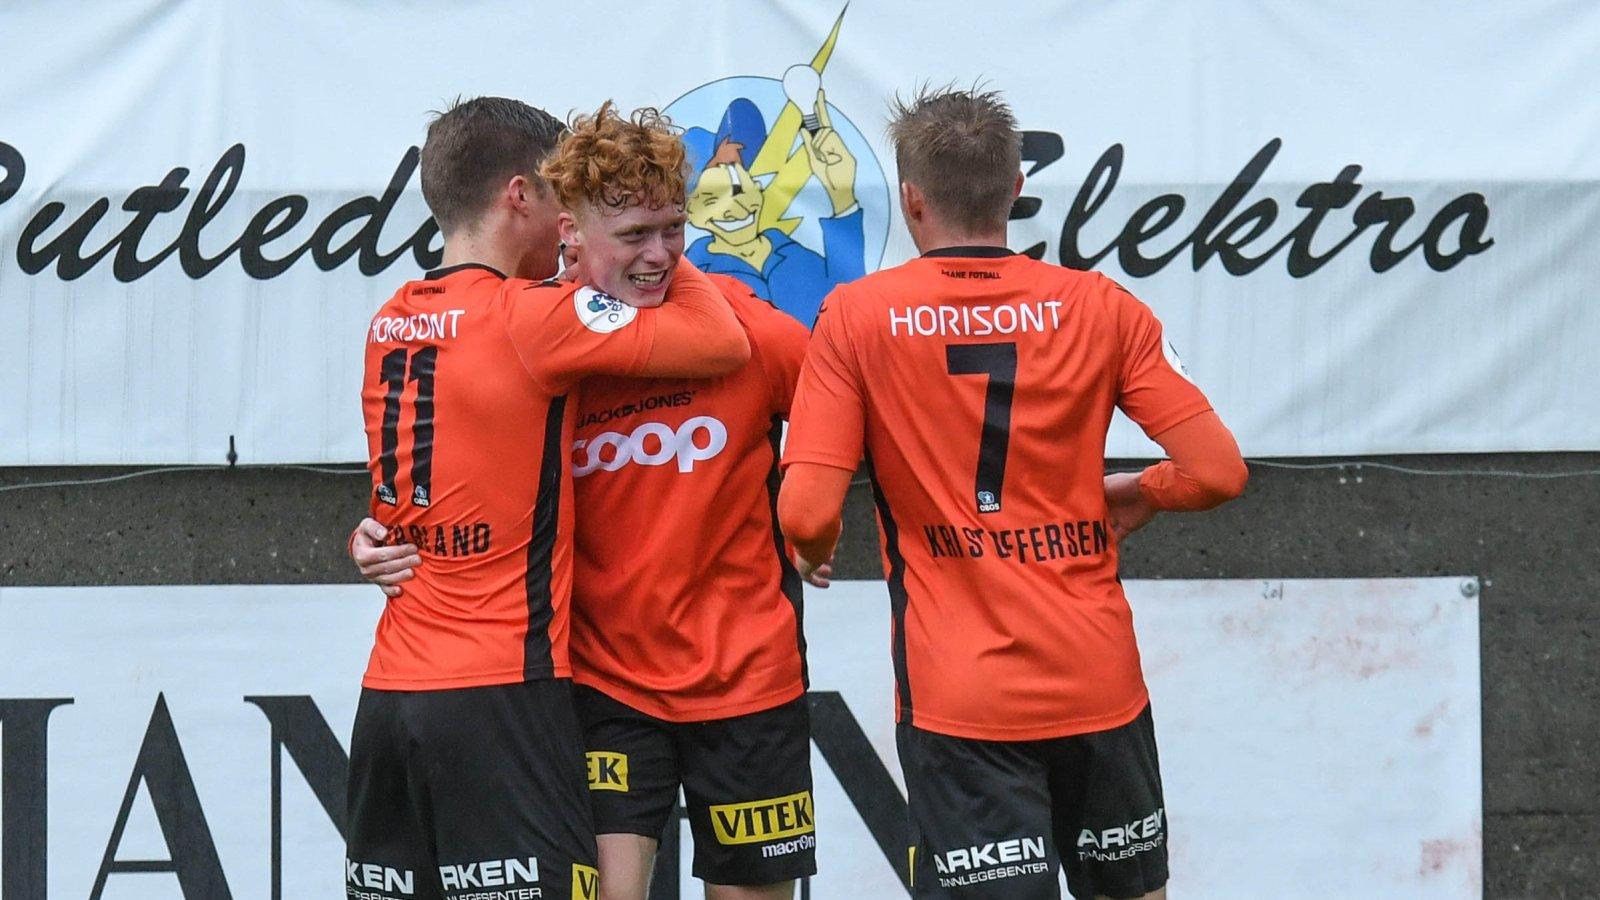 Slik spilles playoffkampene / Åsane Fotball